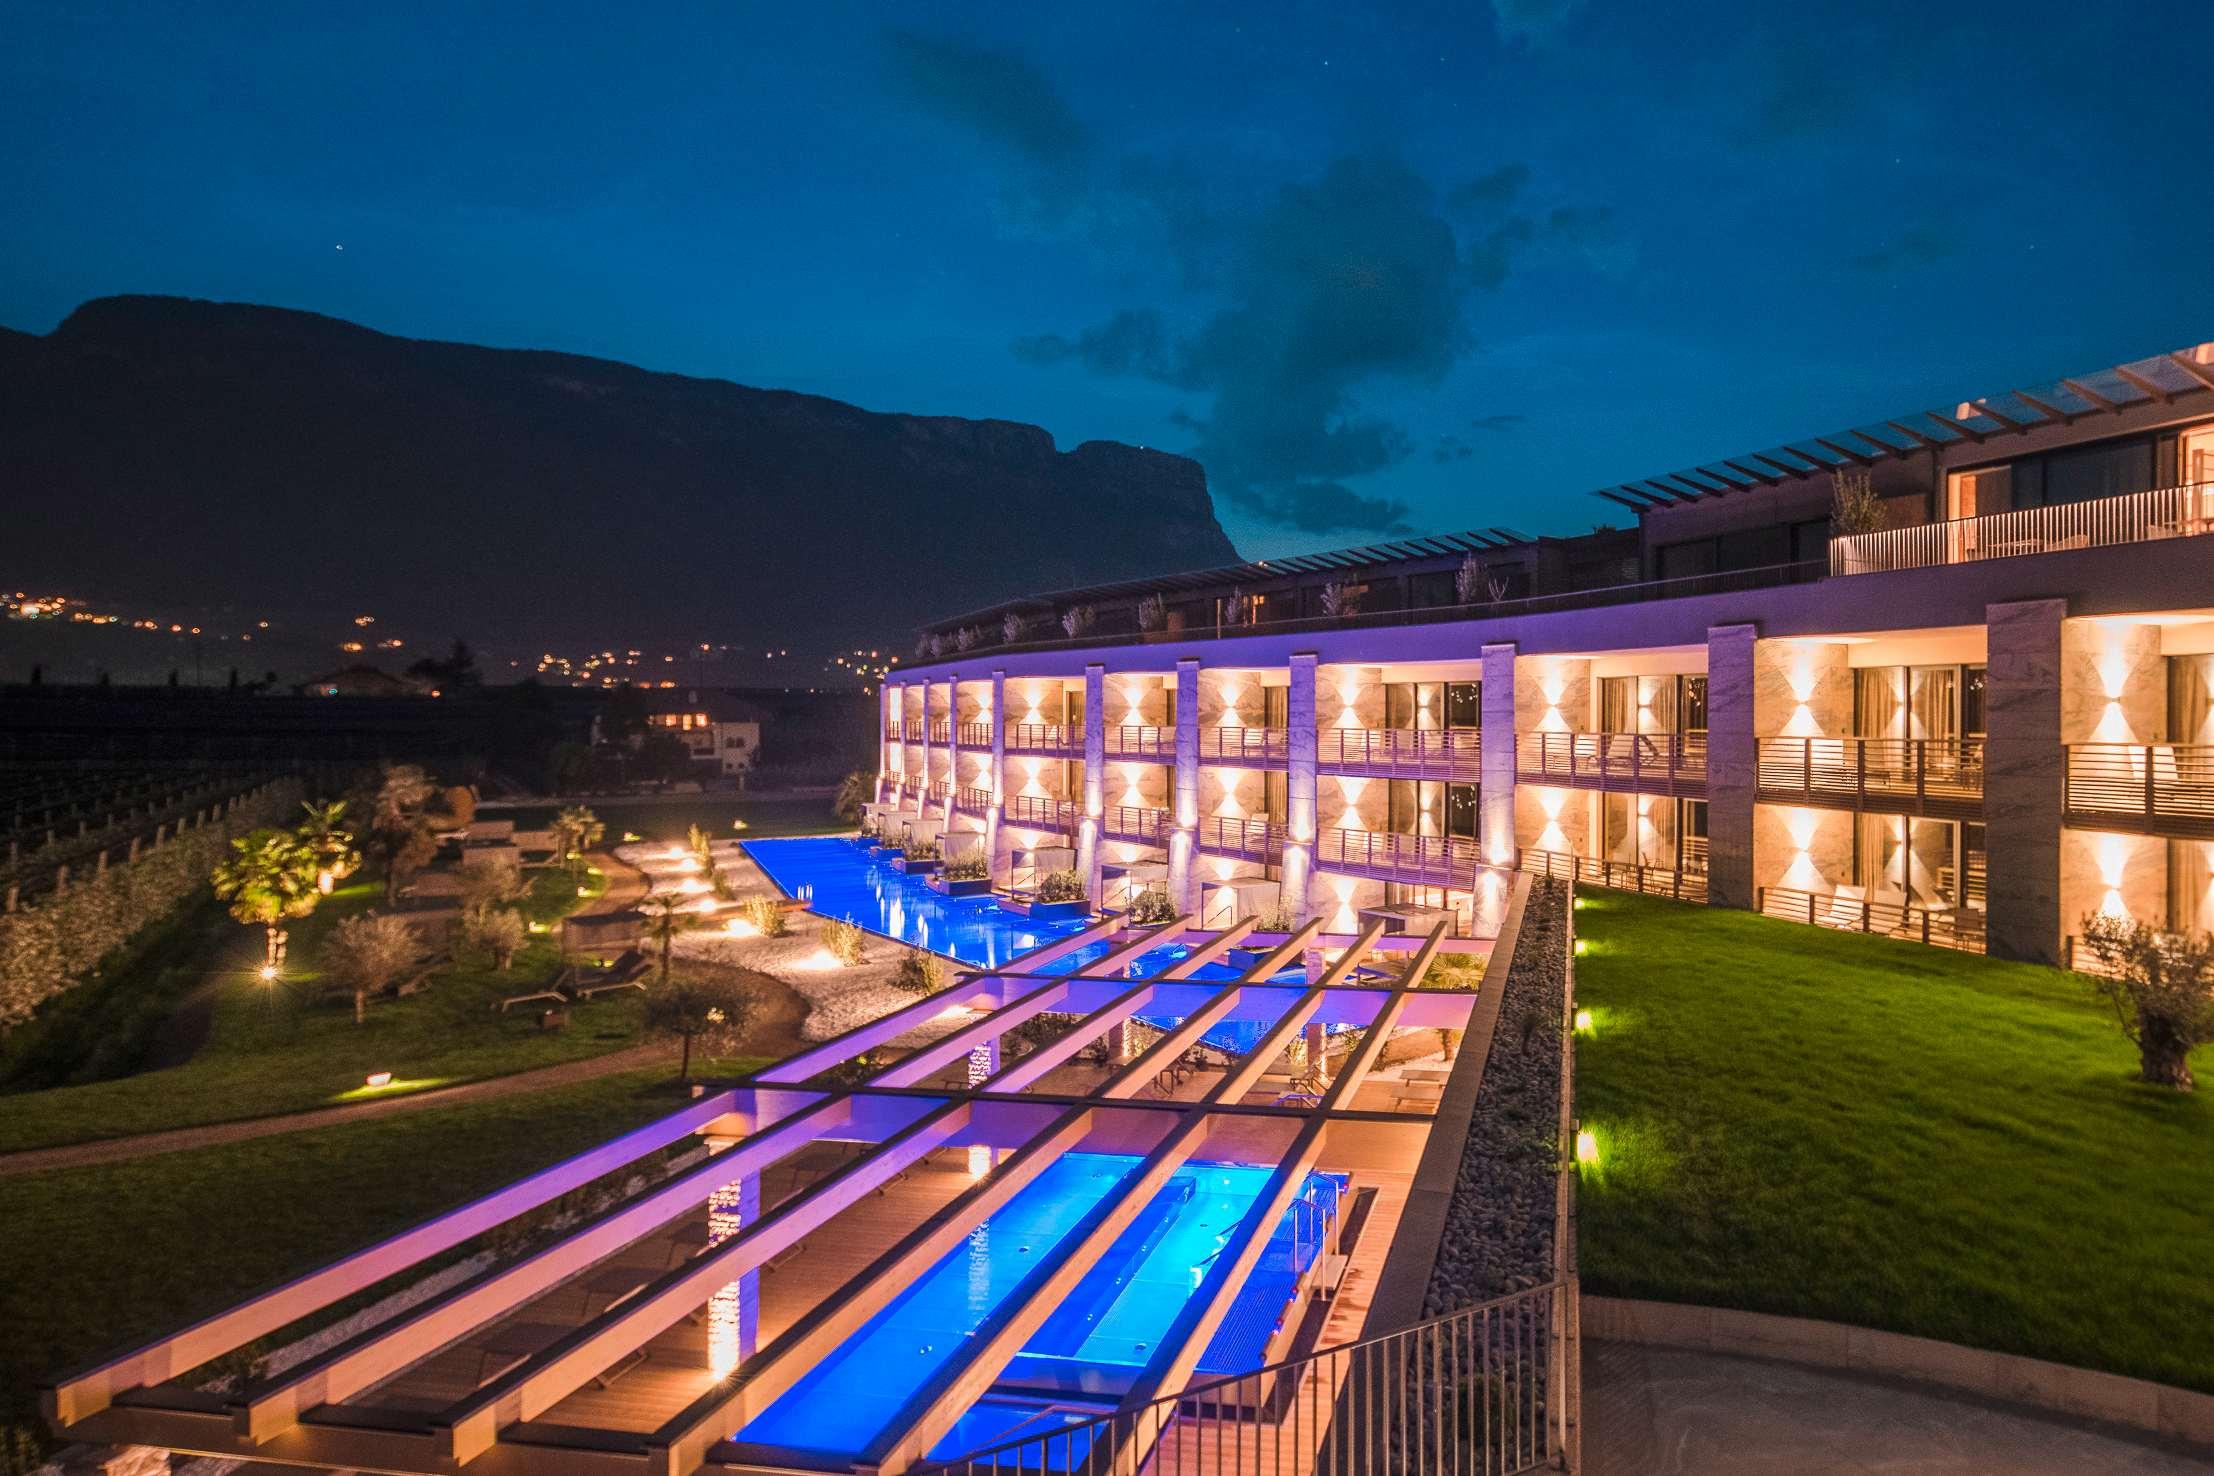 Suitenpool im Hotel Weinegg bei Nacht